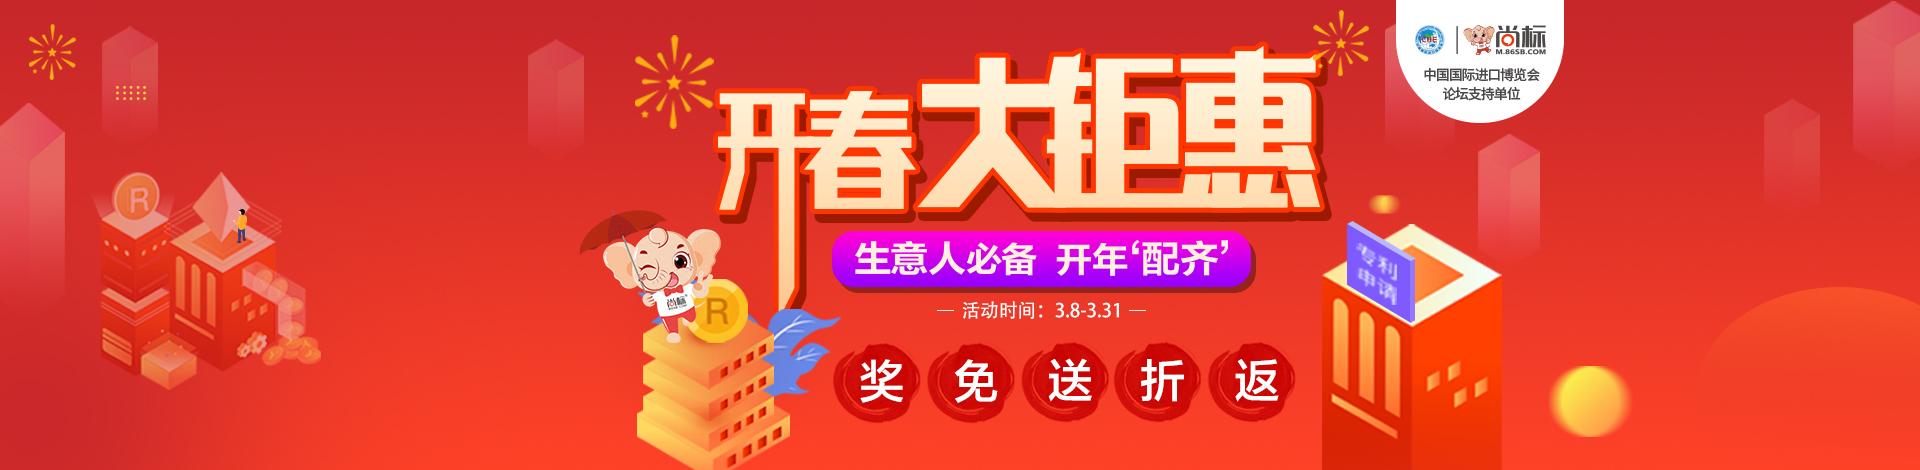 尚标- 中国商标转让网在线商标交易平台